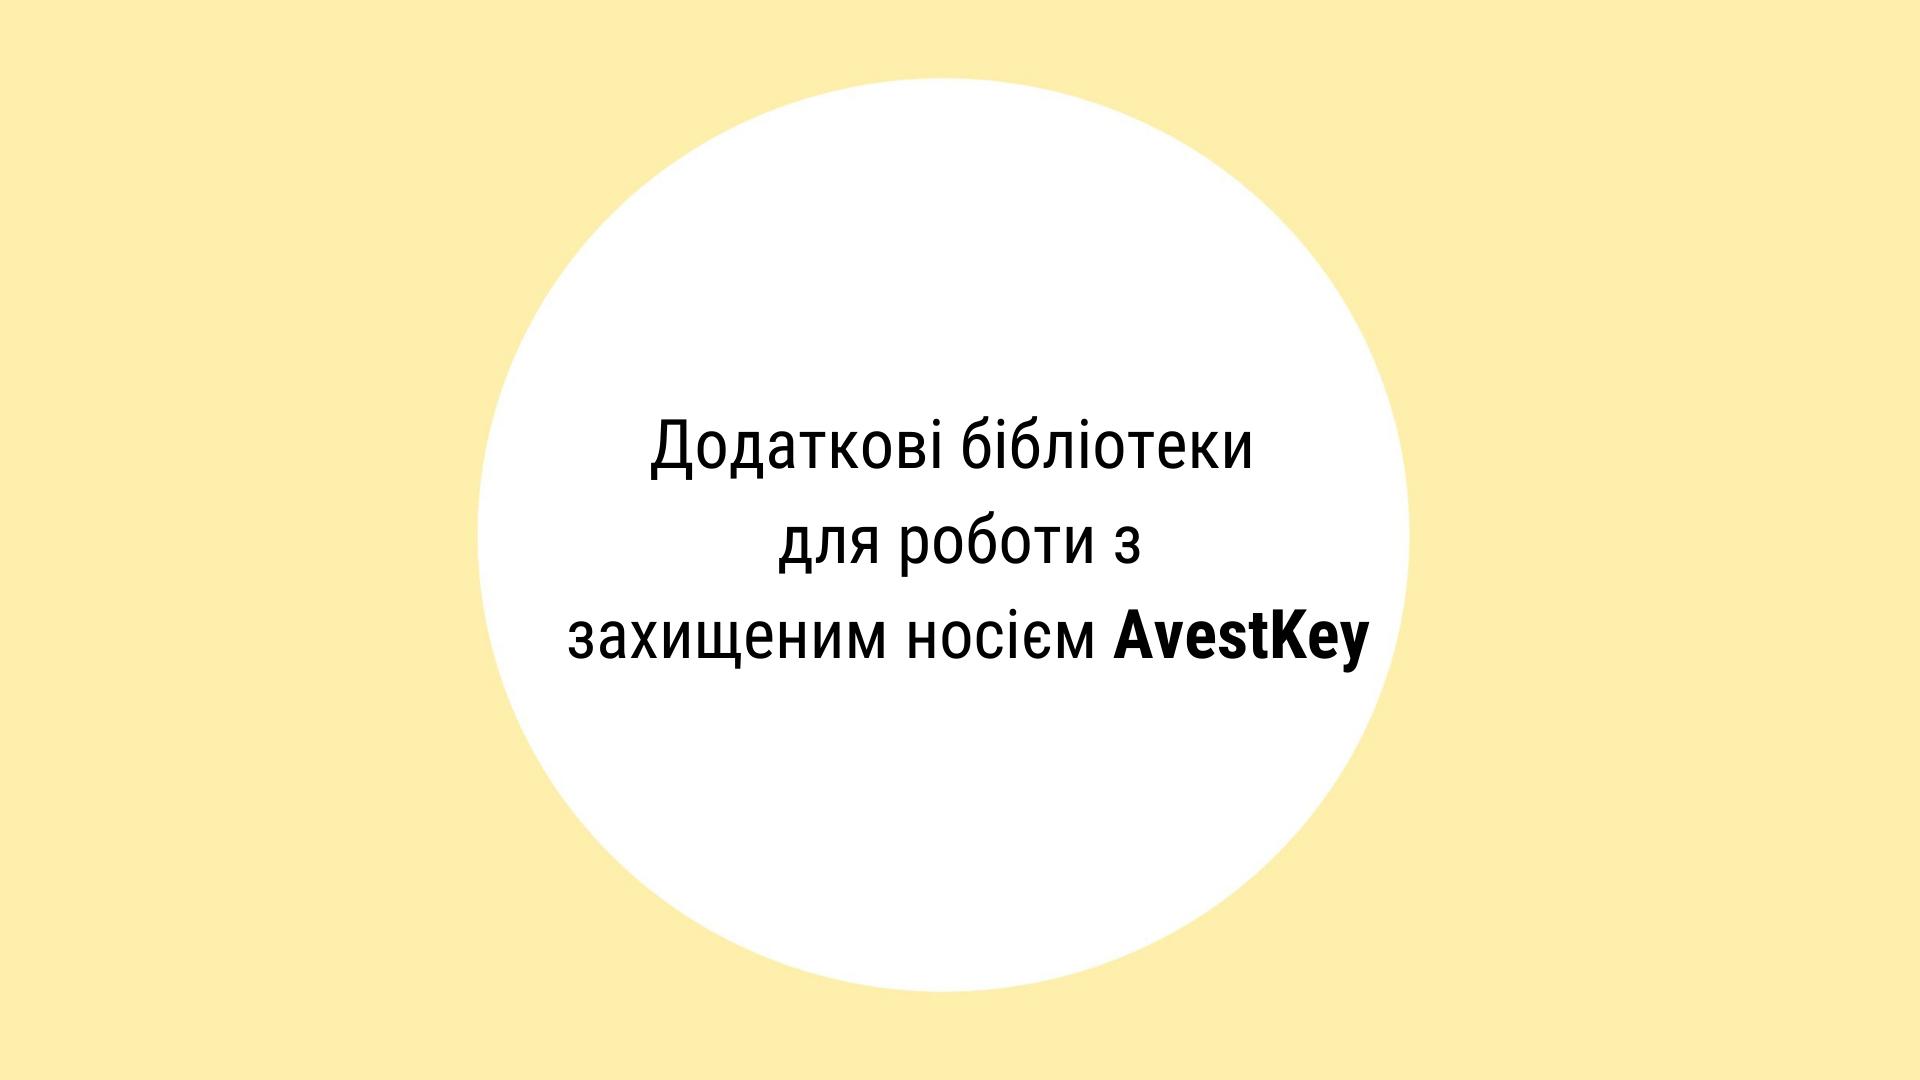 Додаткові бібліотеки для роботи з захищеним носієм AvestKey